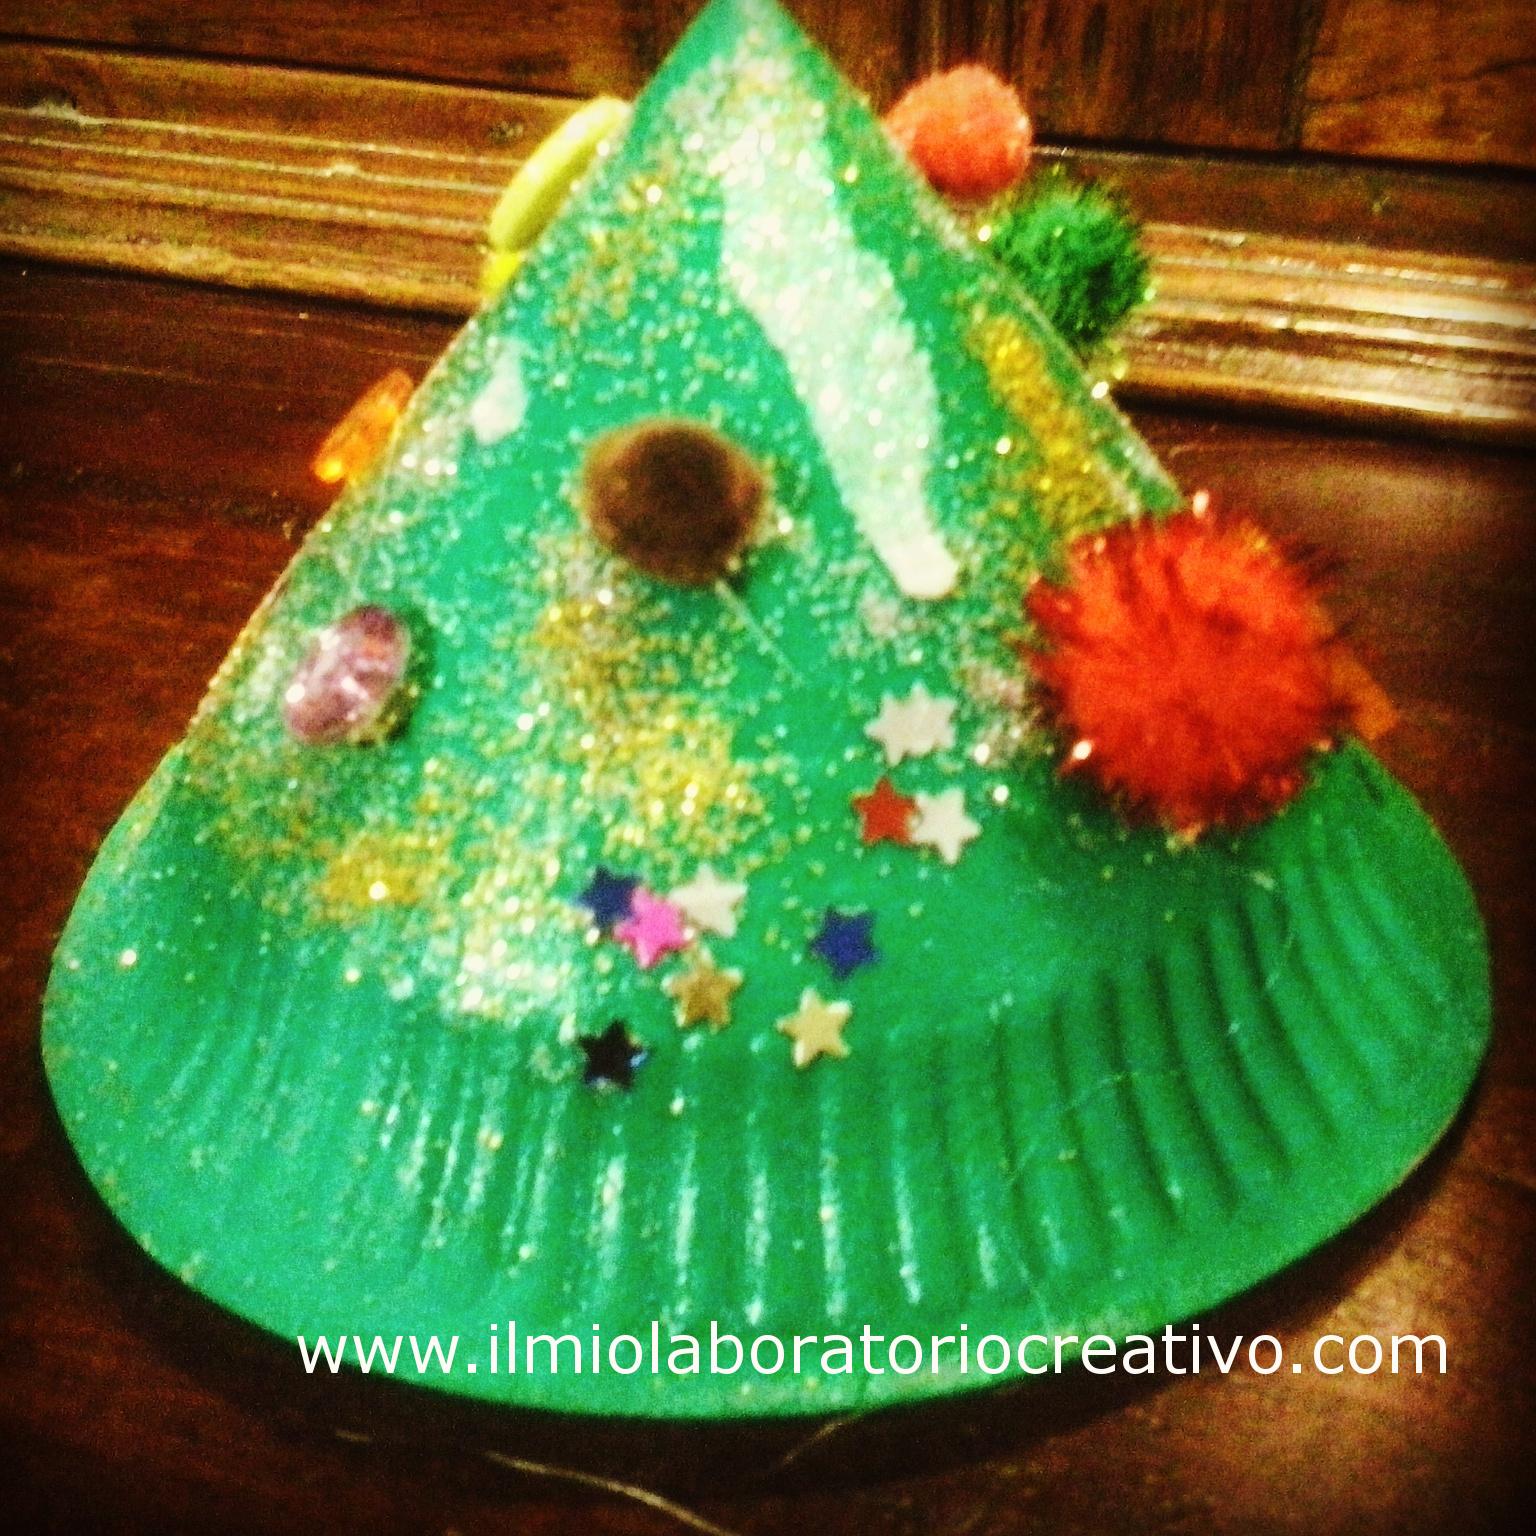 idee natalizie per bambini….con piatti di carta